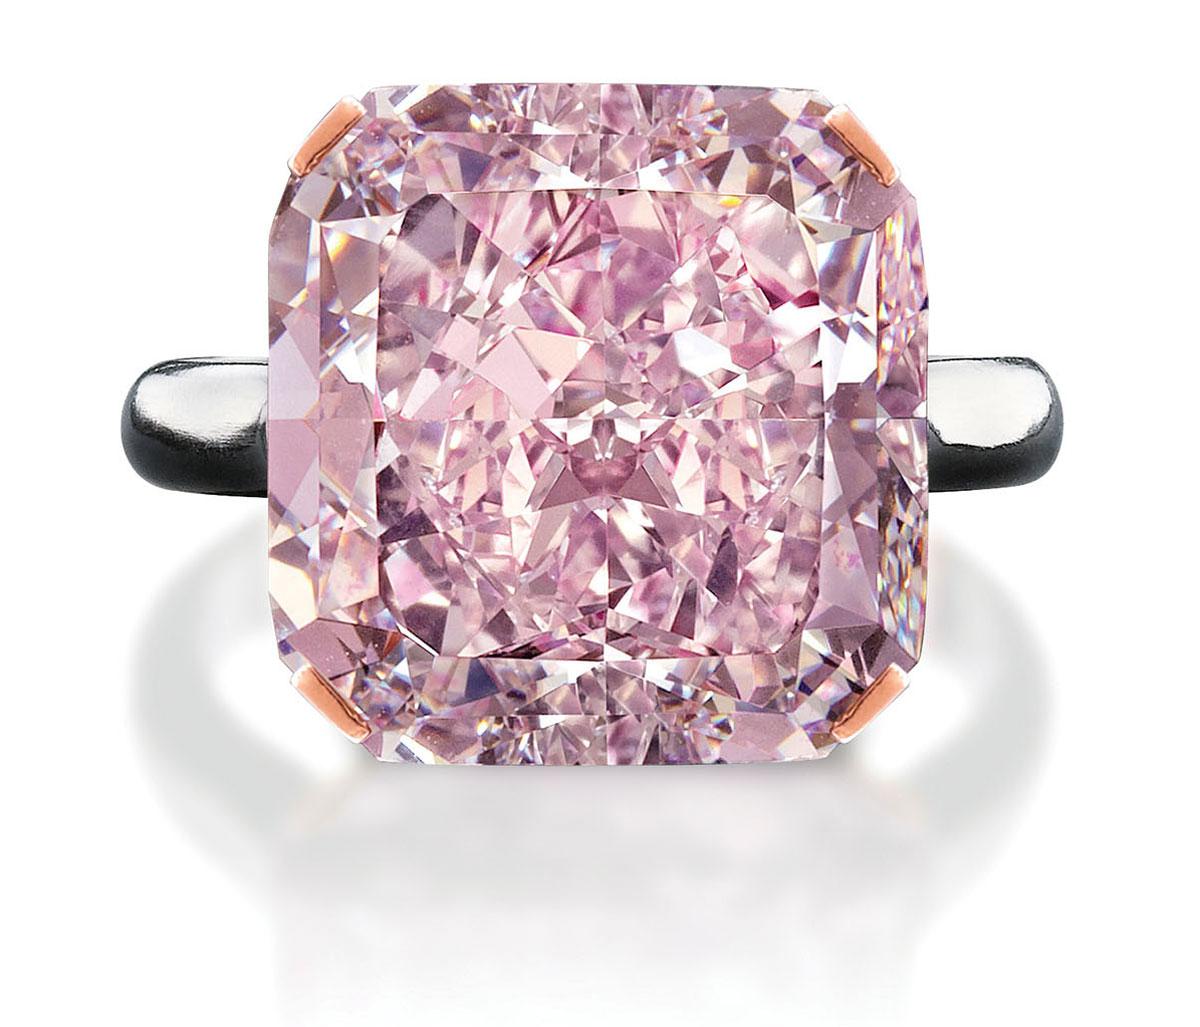 Rare 10-Carat Light Purplish Pink Diamond at Edmonton Jewelry Store ...